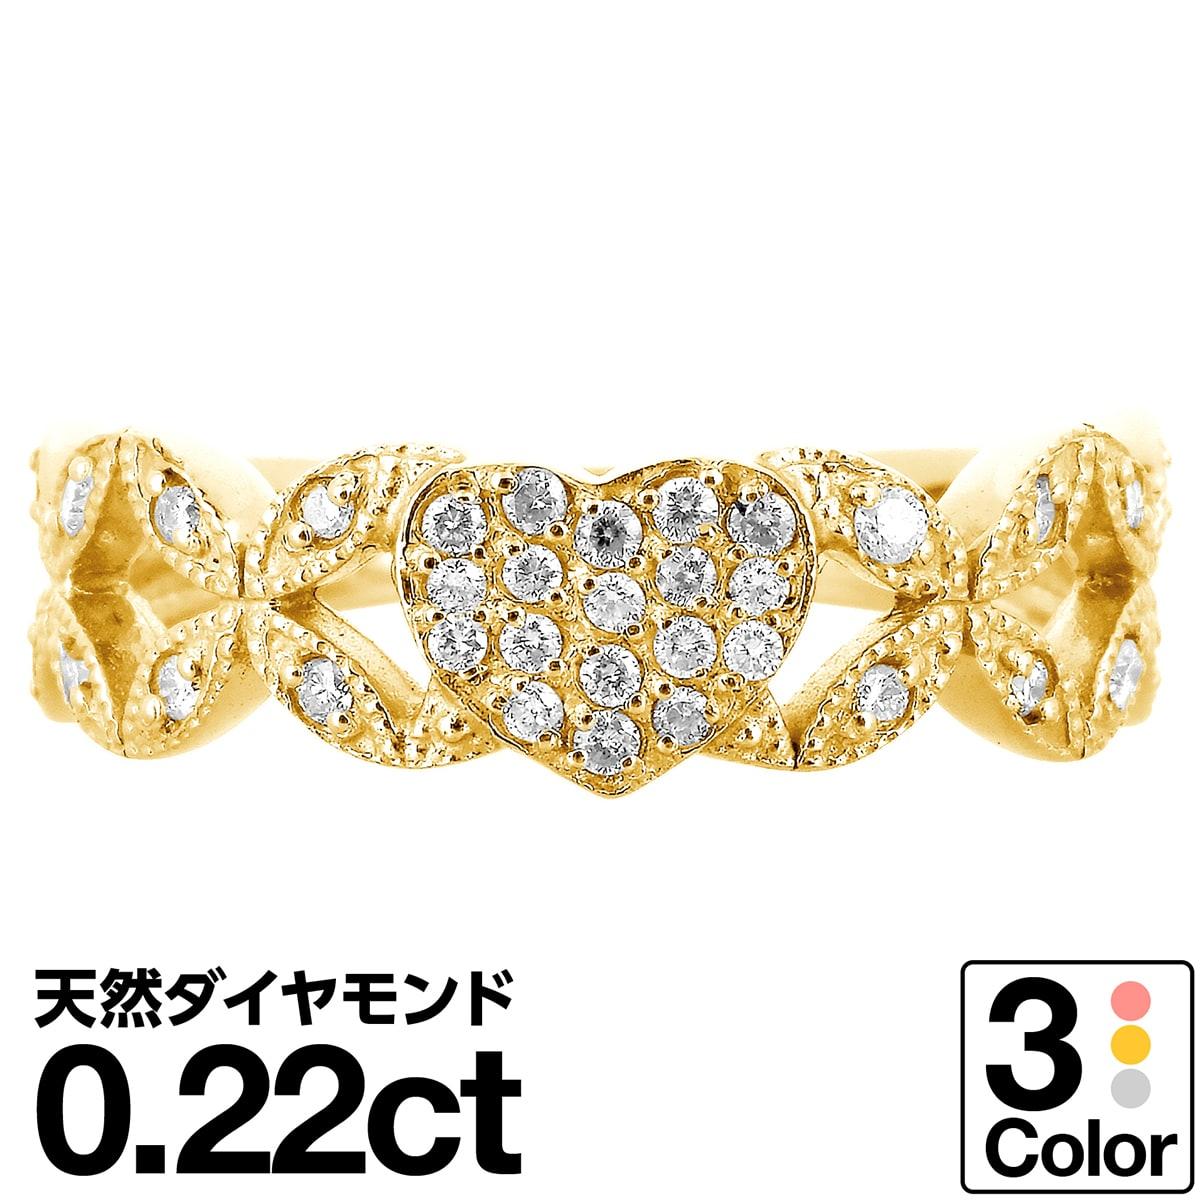 ハート ダイヤモンド リング k18 イエローゴールド/ホワイトゴールド/ピンクゴールド ファッションリング 品質保証書 金属アレルギー 日本製 誕生日 ギフト